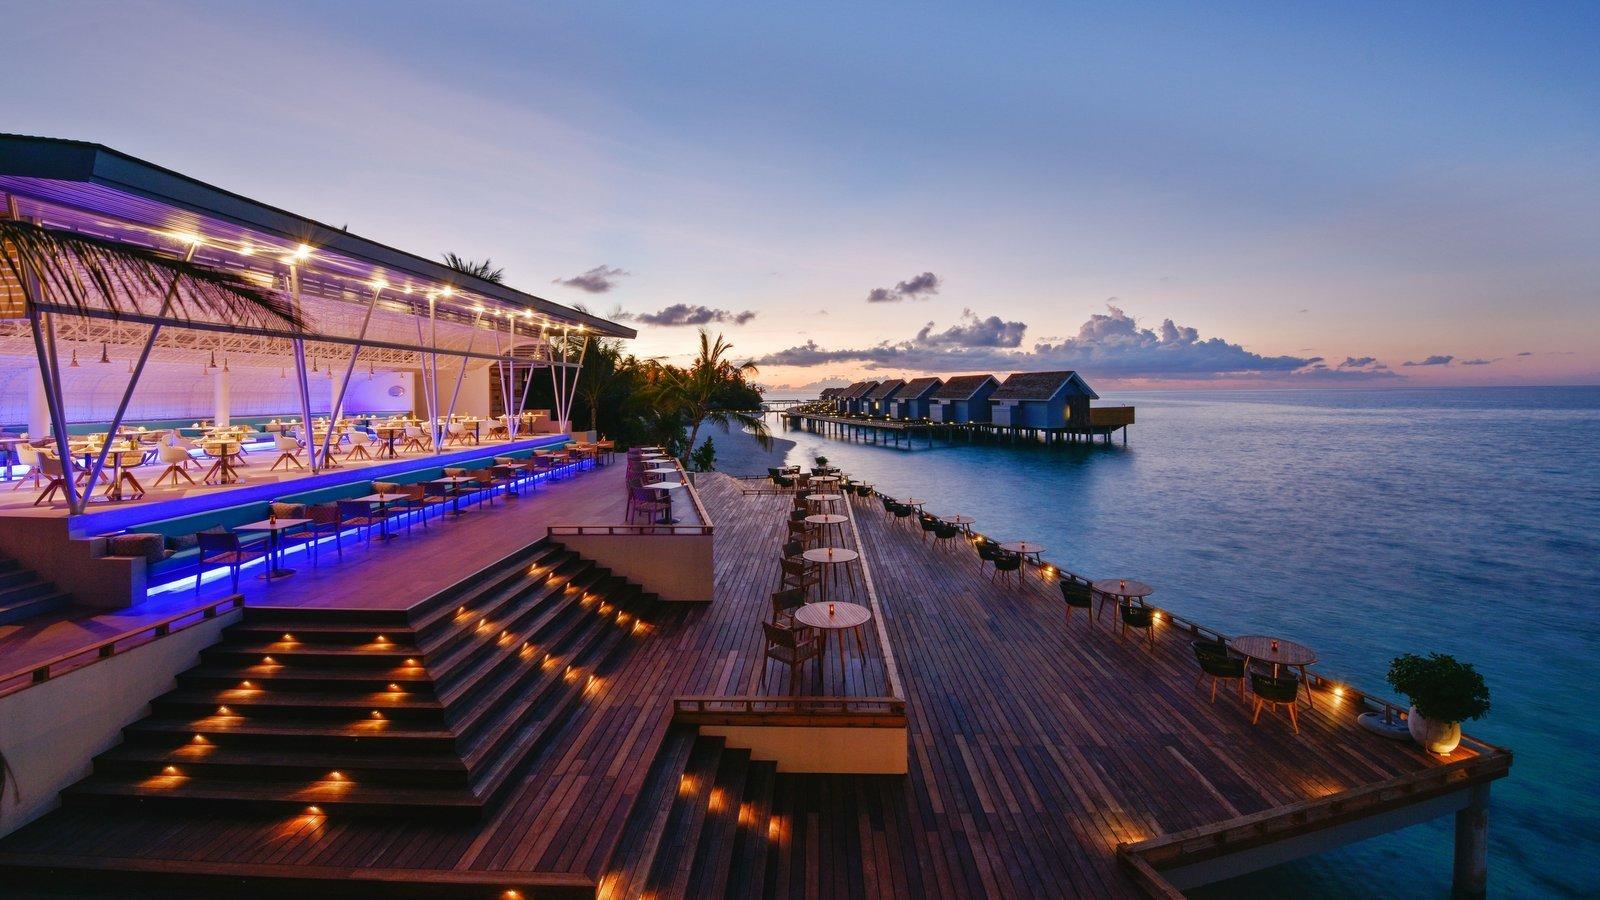 Мальдивы, отель Kuramathi Maldives, ресторан Inguru